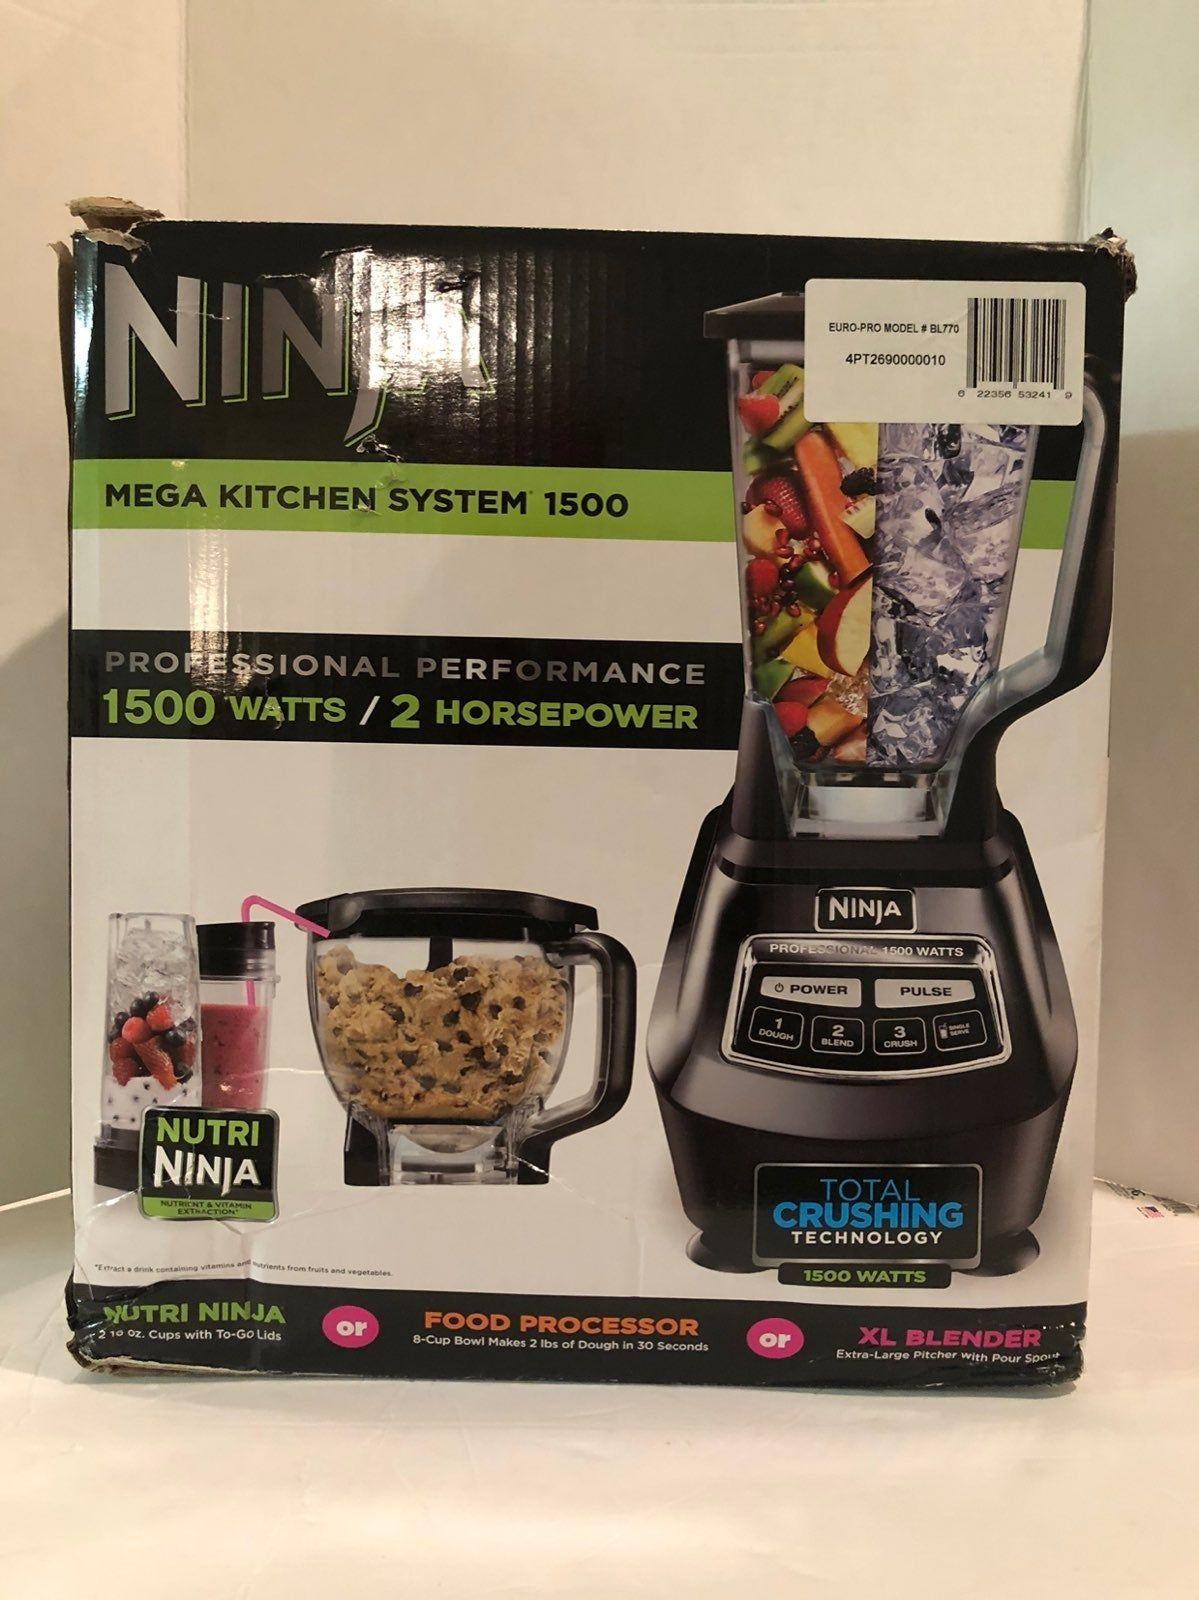 Ninja Mega Kitchen System Bl770 Blender Food Processor With 1500w Auto Iq Base 72oz Pitch Food Processor Recipes Blender Food Processor Ninja Food Processor